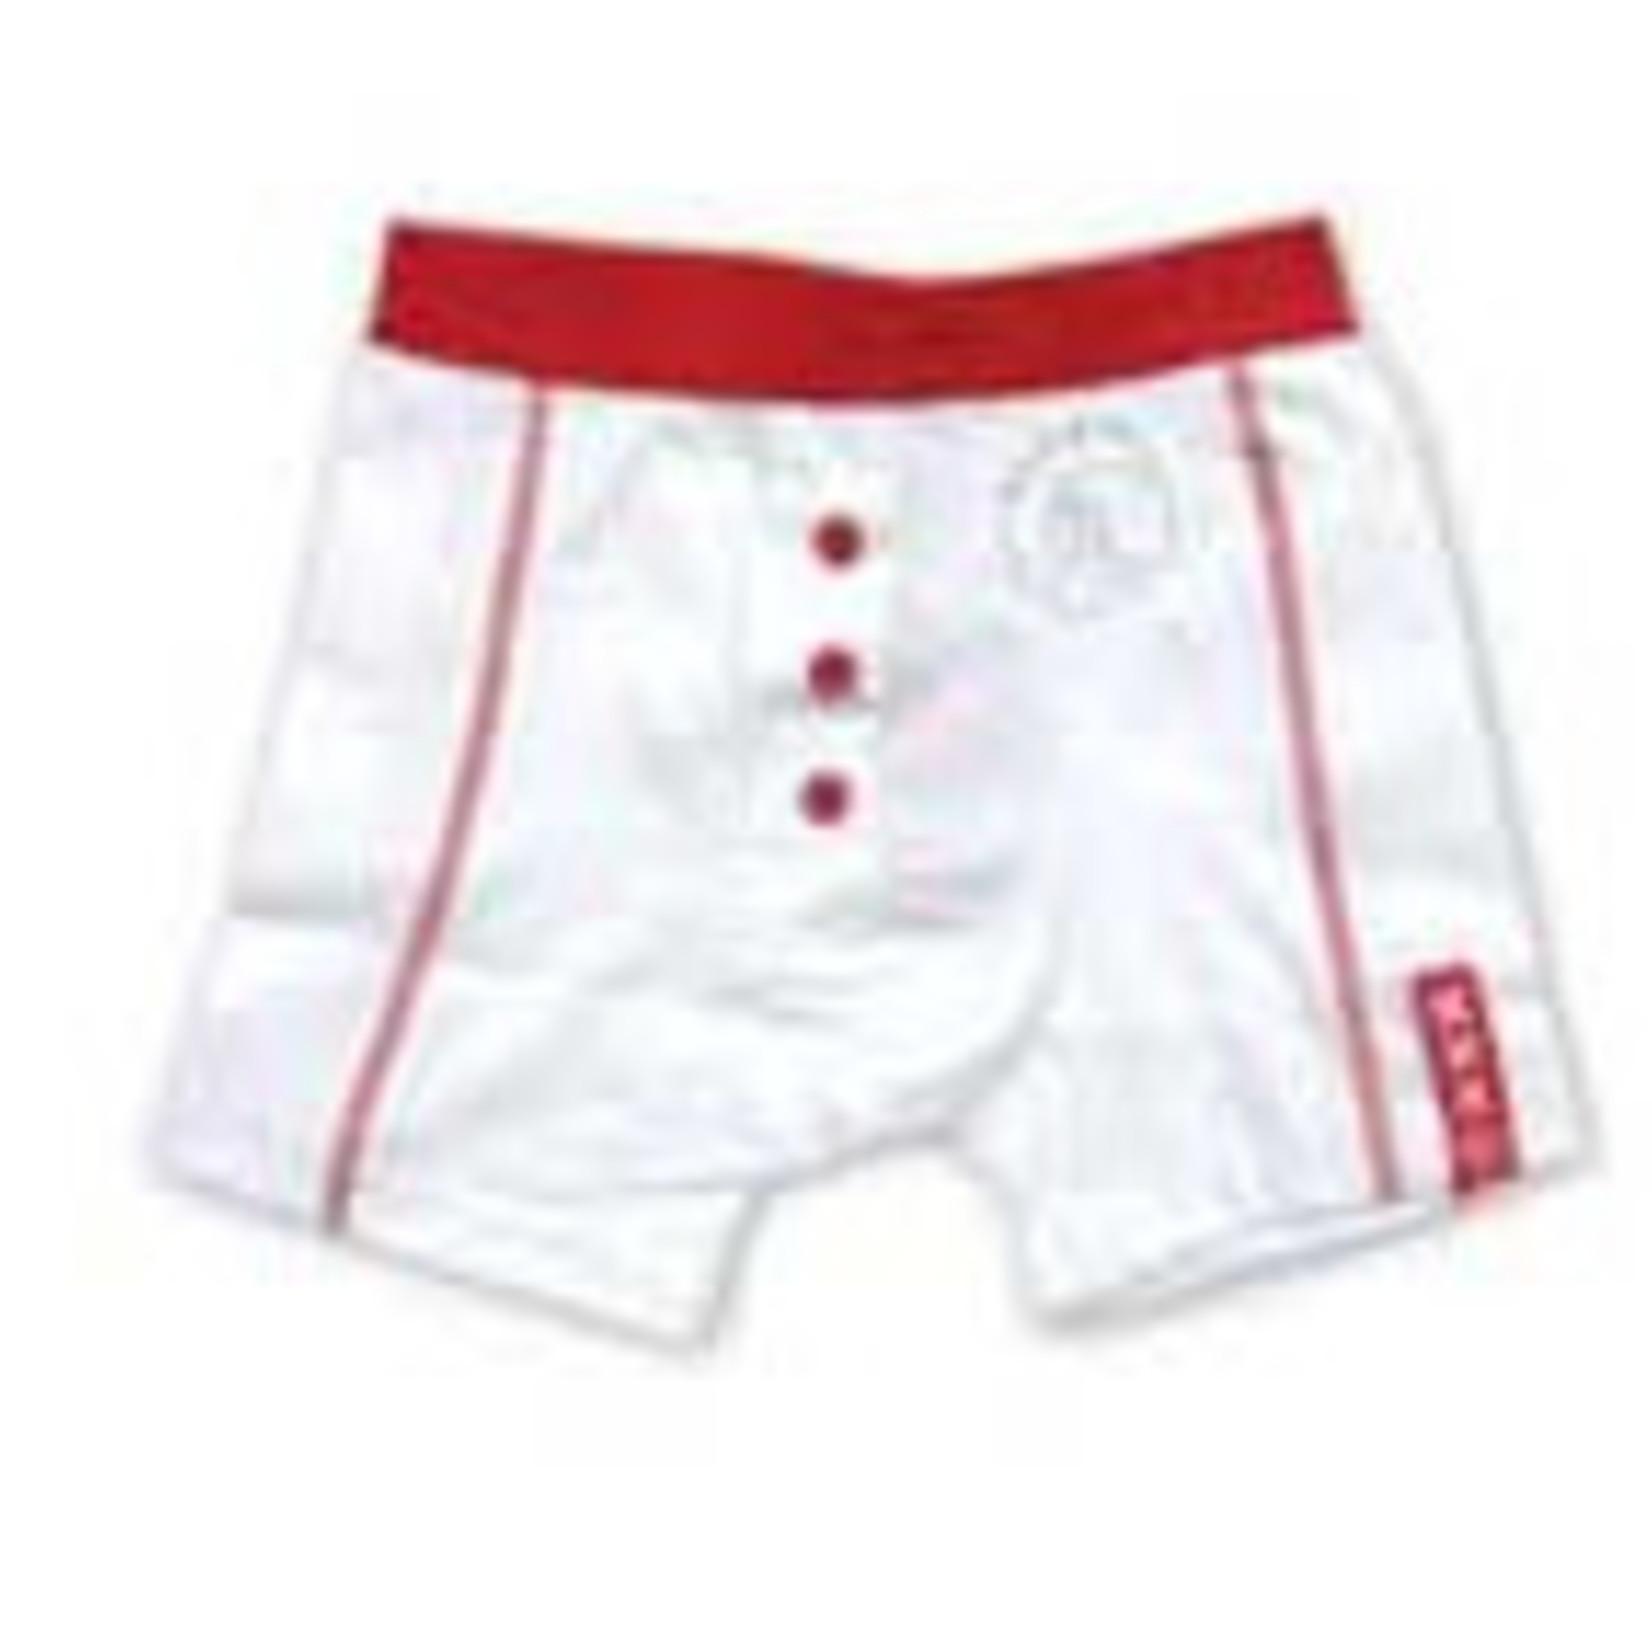 AJAX AJAX boxer maat 92